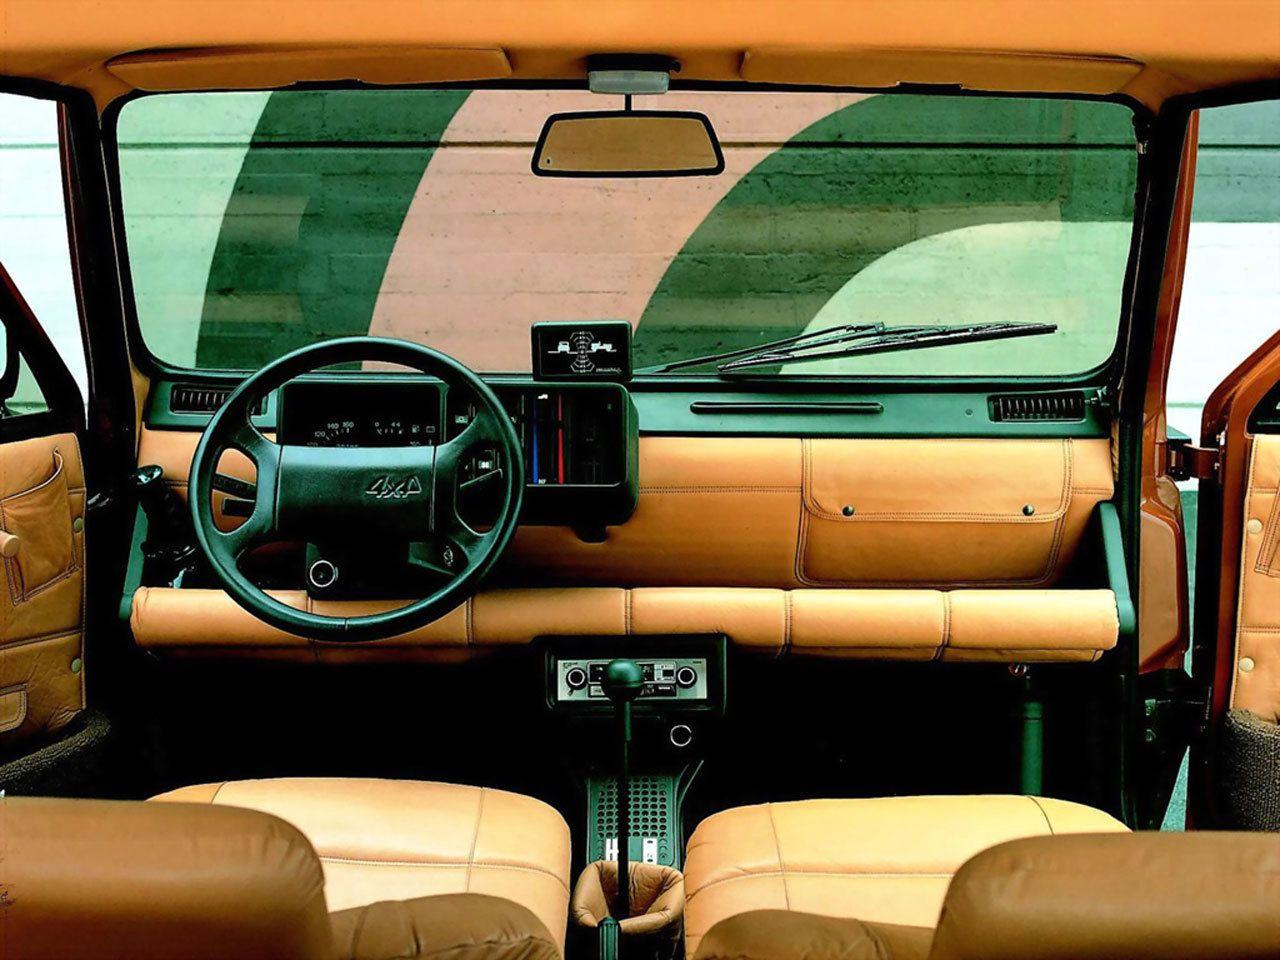 Fiat Panda 4x4 Prima Serie 13 Jpg 1280 960 Fiat Panda Fiat